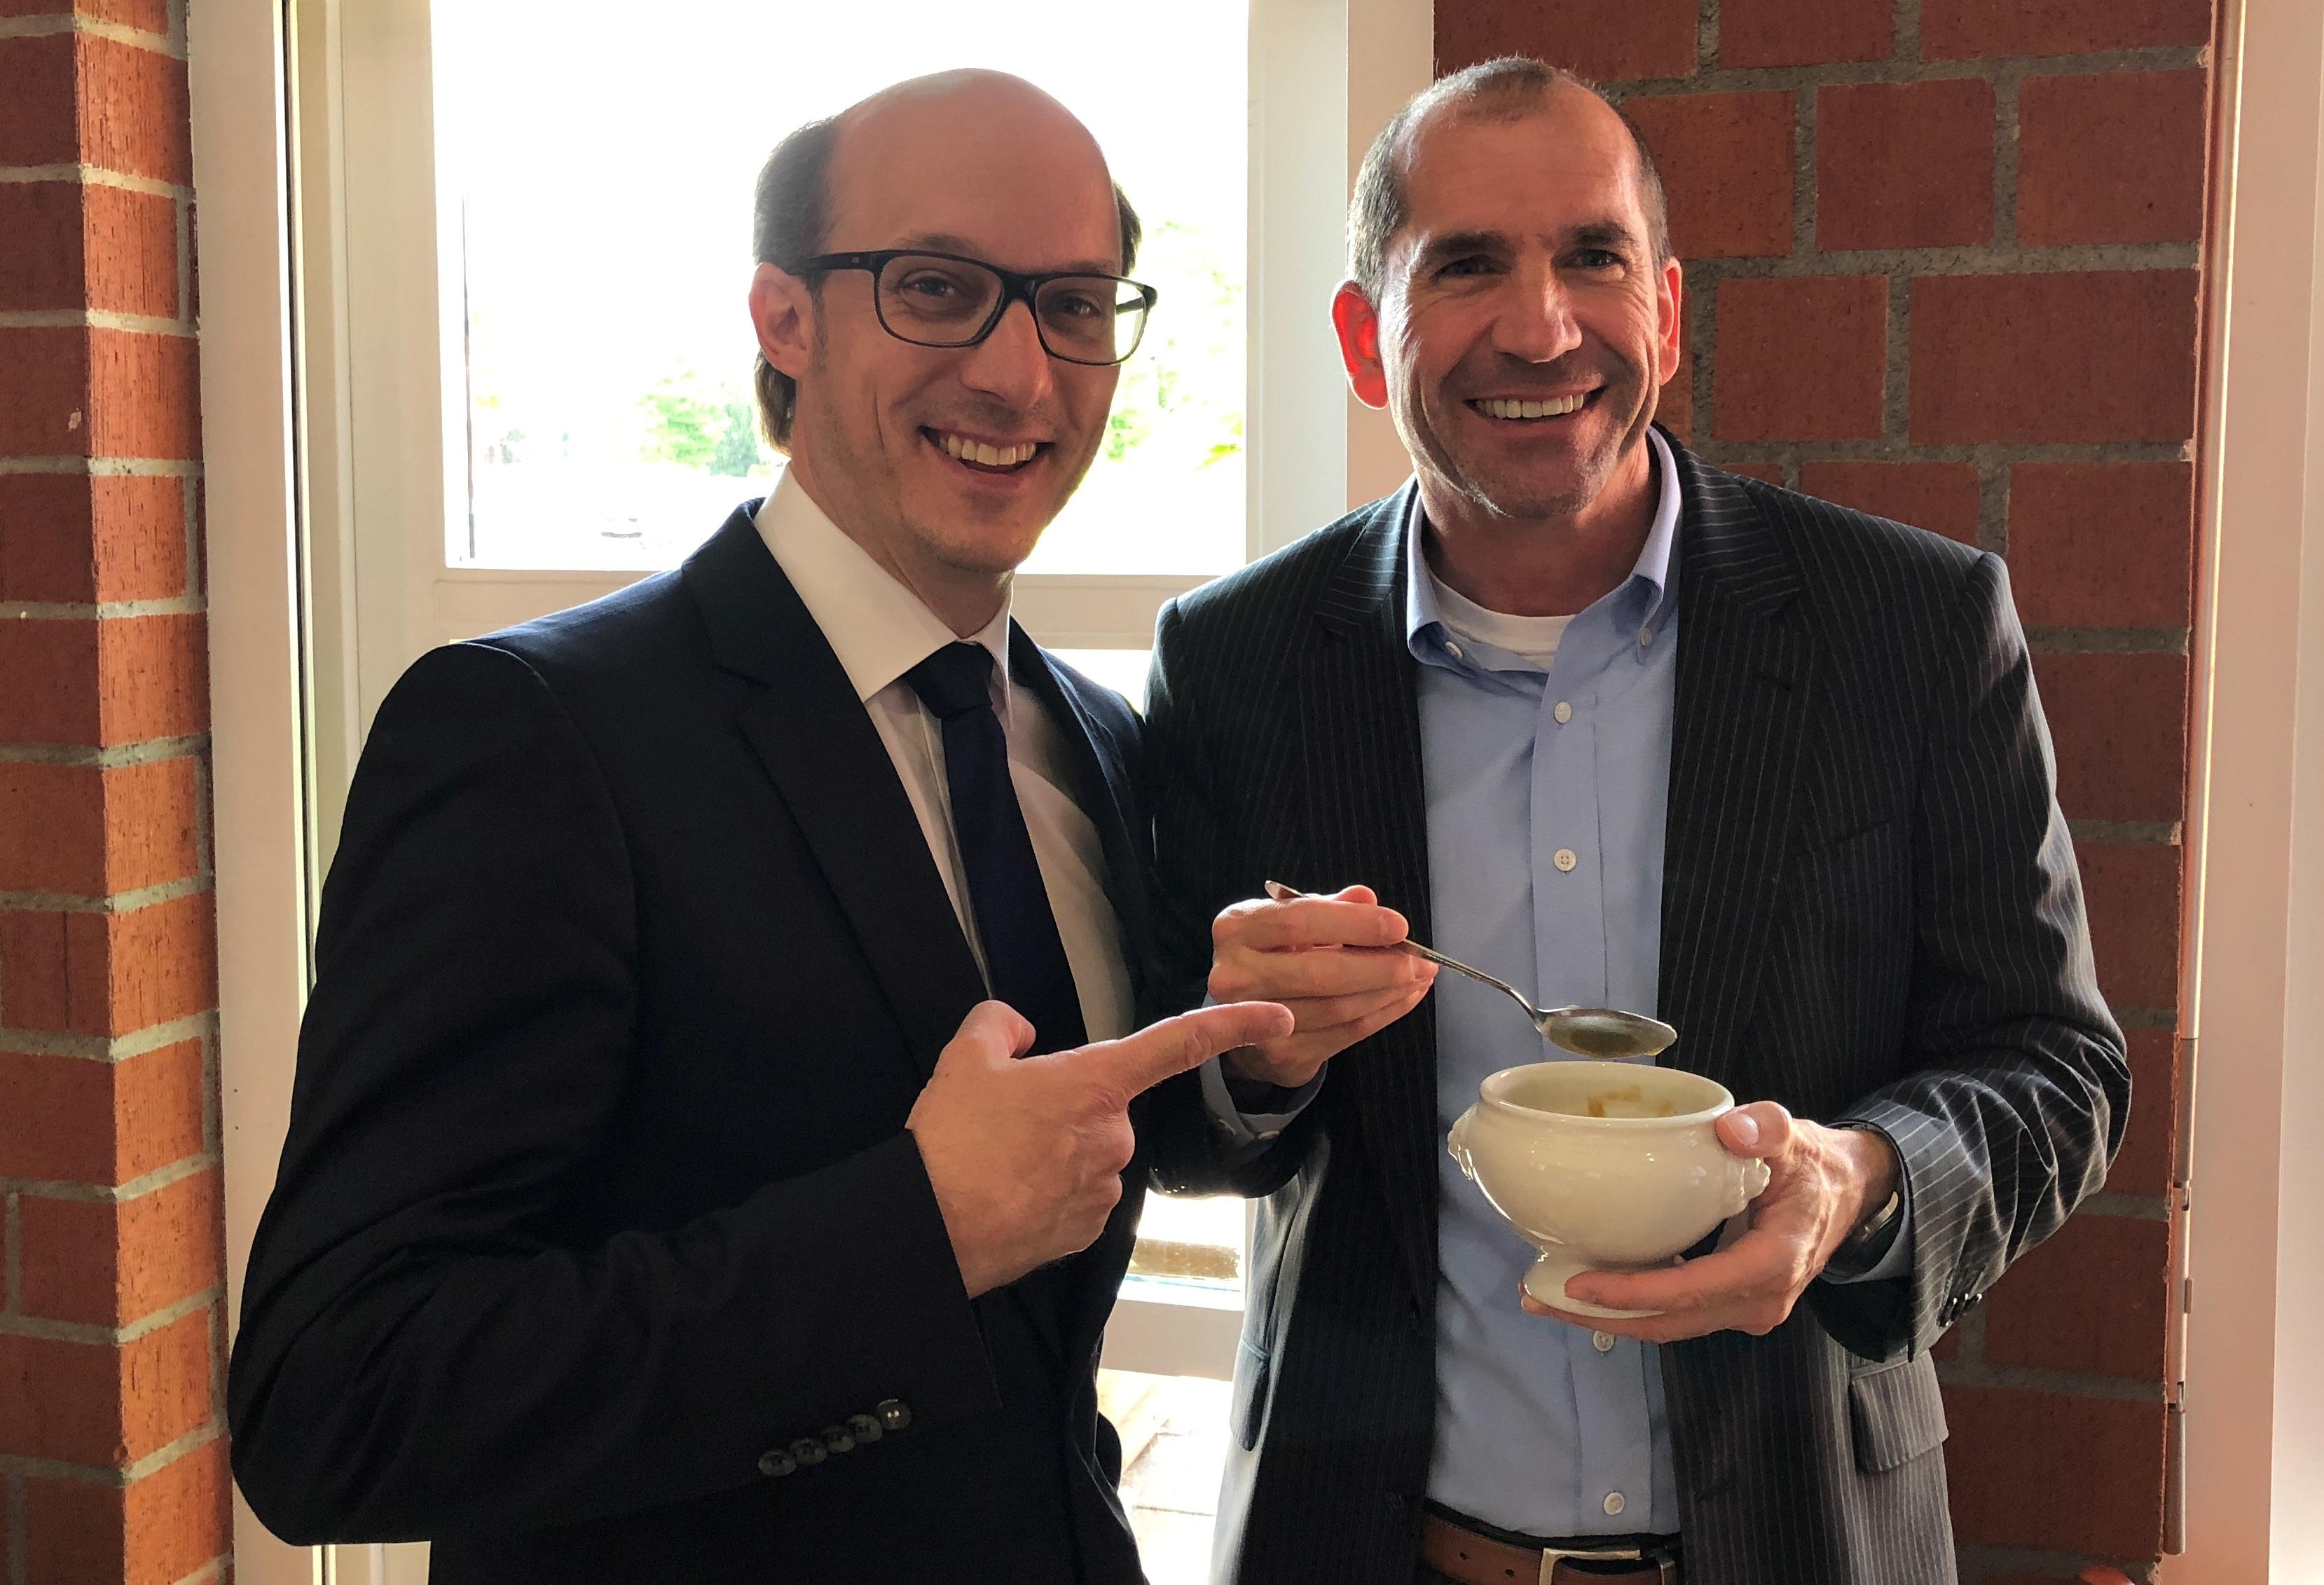 Dennis B. Hornig und Patrick Kaiser (J.P. Morgan Asset Management) mit leckerer Kartoffelsuppe